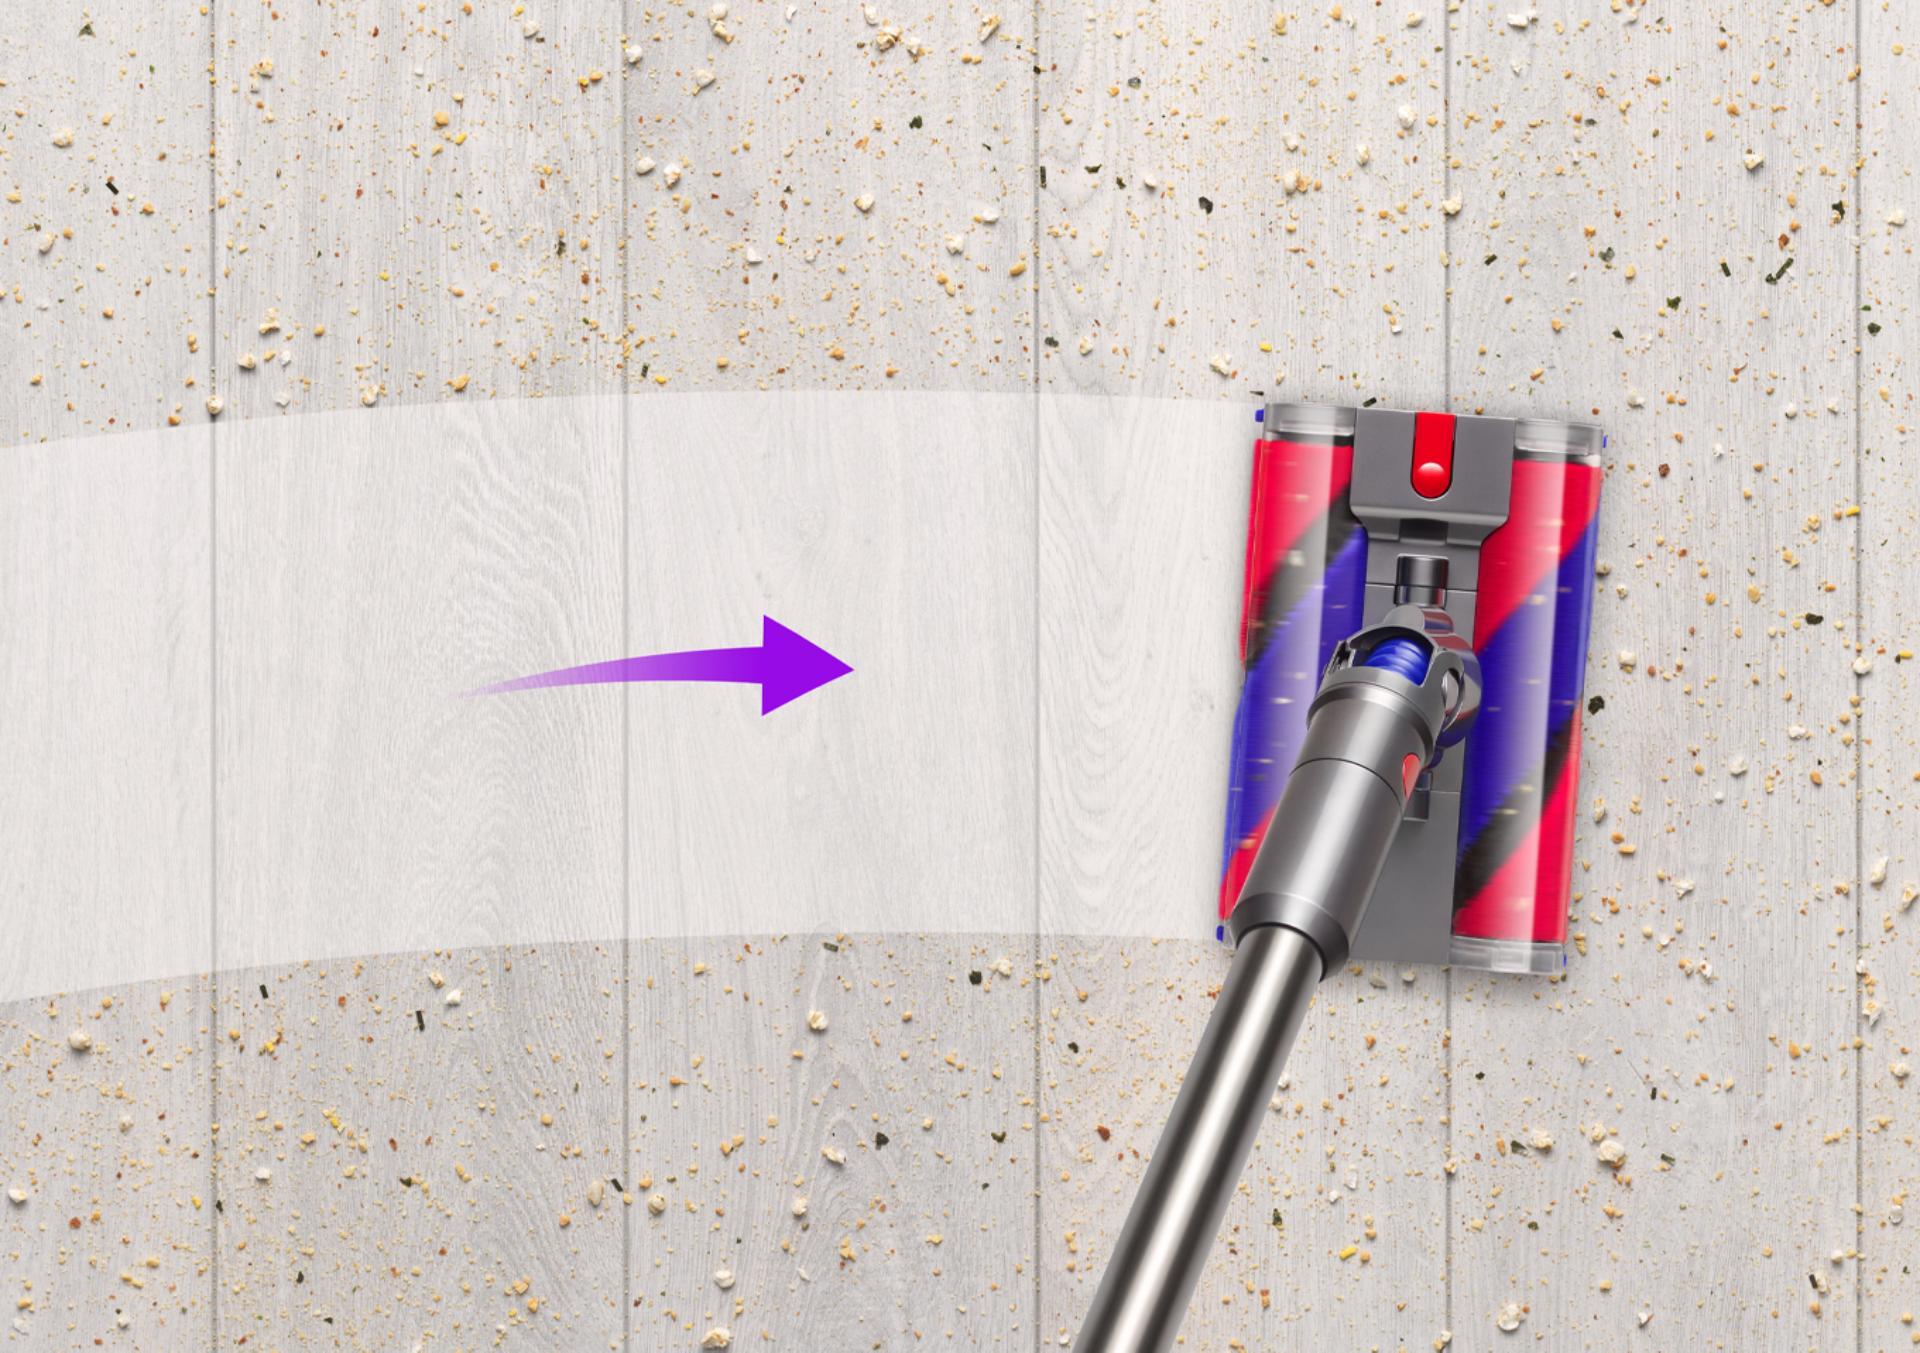 우에서 좌로 움직이는 더블 플러피™ 클리너 헤드 모습.